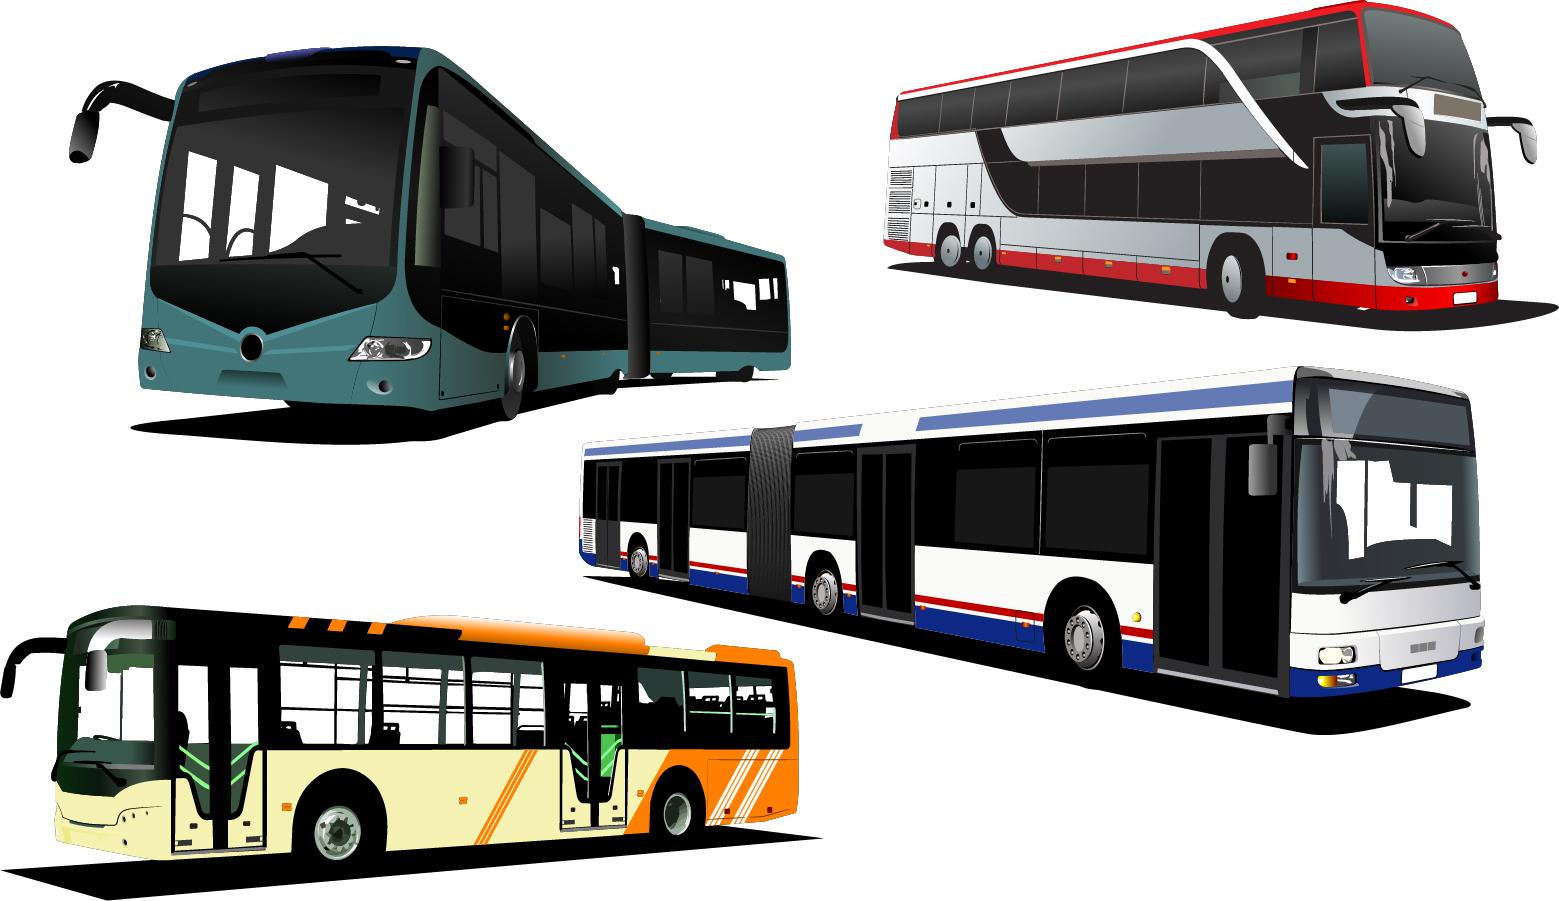 free vector がらくた素材庫: 観光バスのクリップアート travel